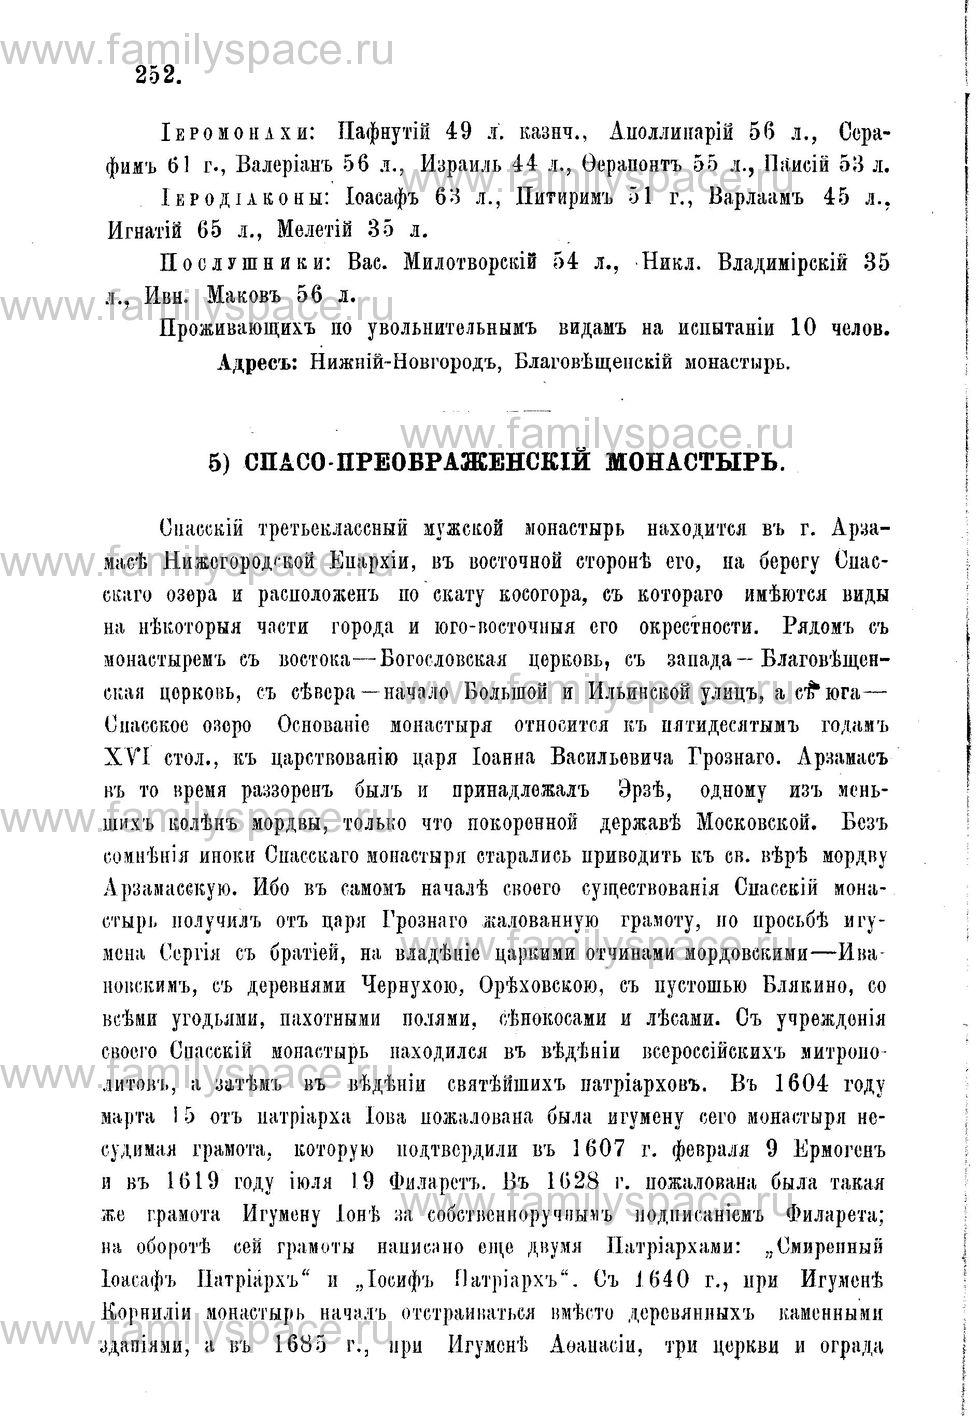 Поиск по фамилии - Адрес-календарь Нижегородской епархии на 1888 год, страница 1252